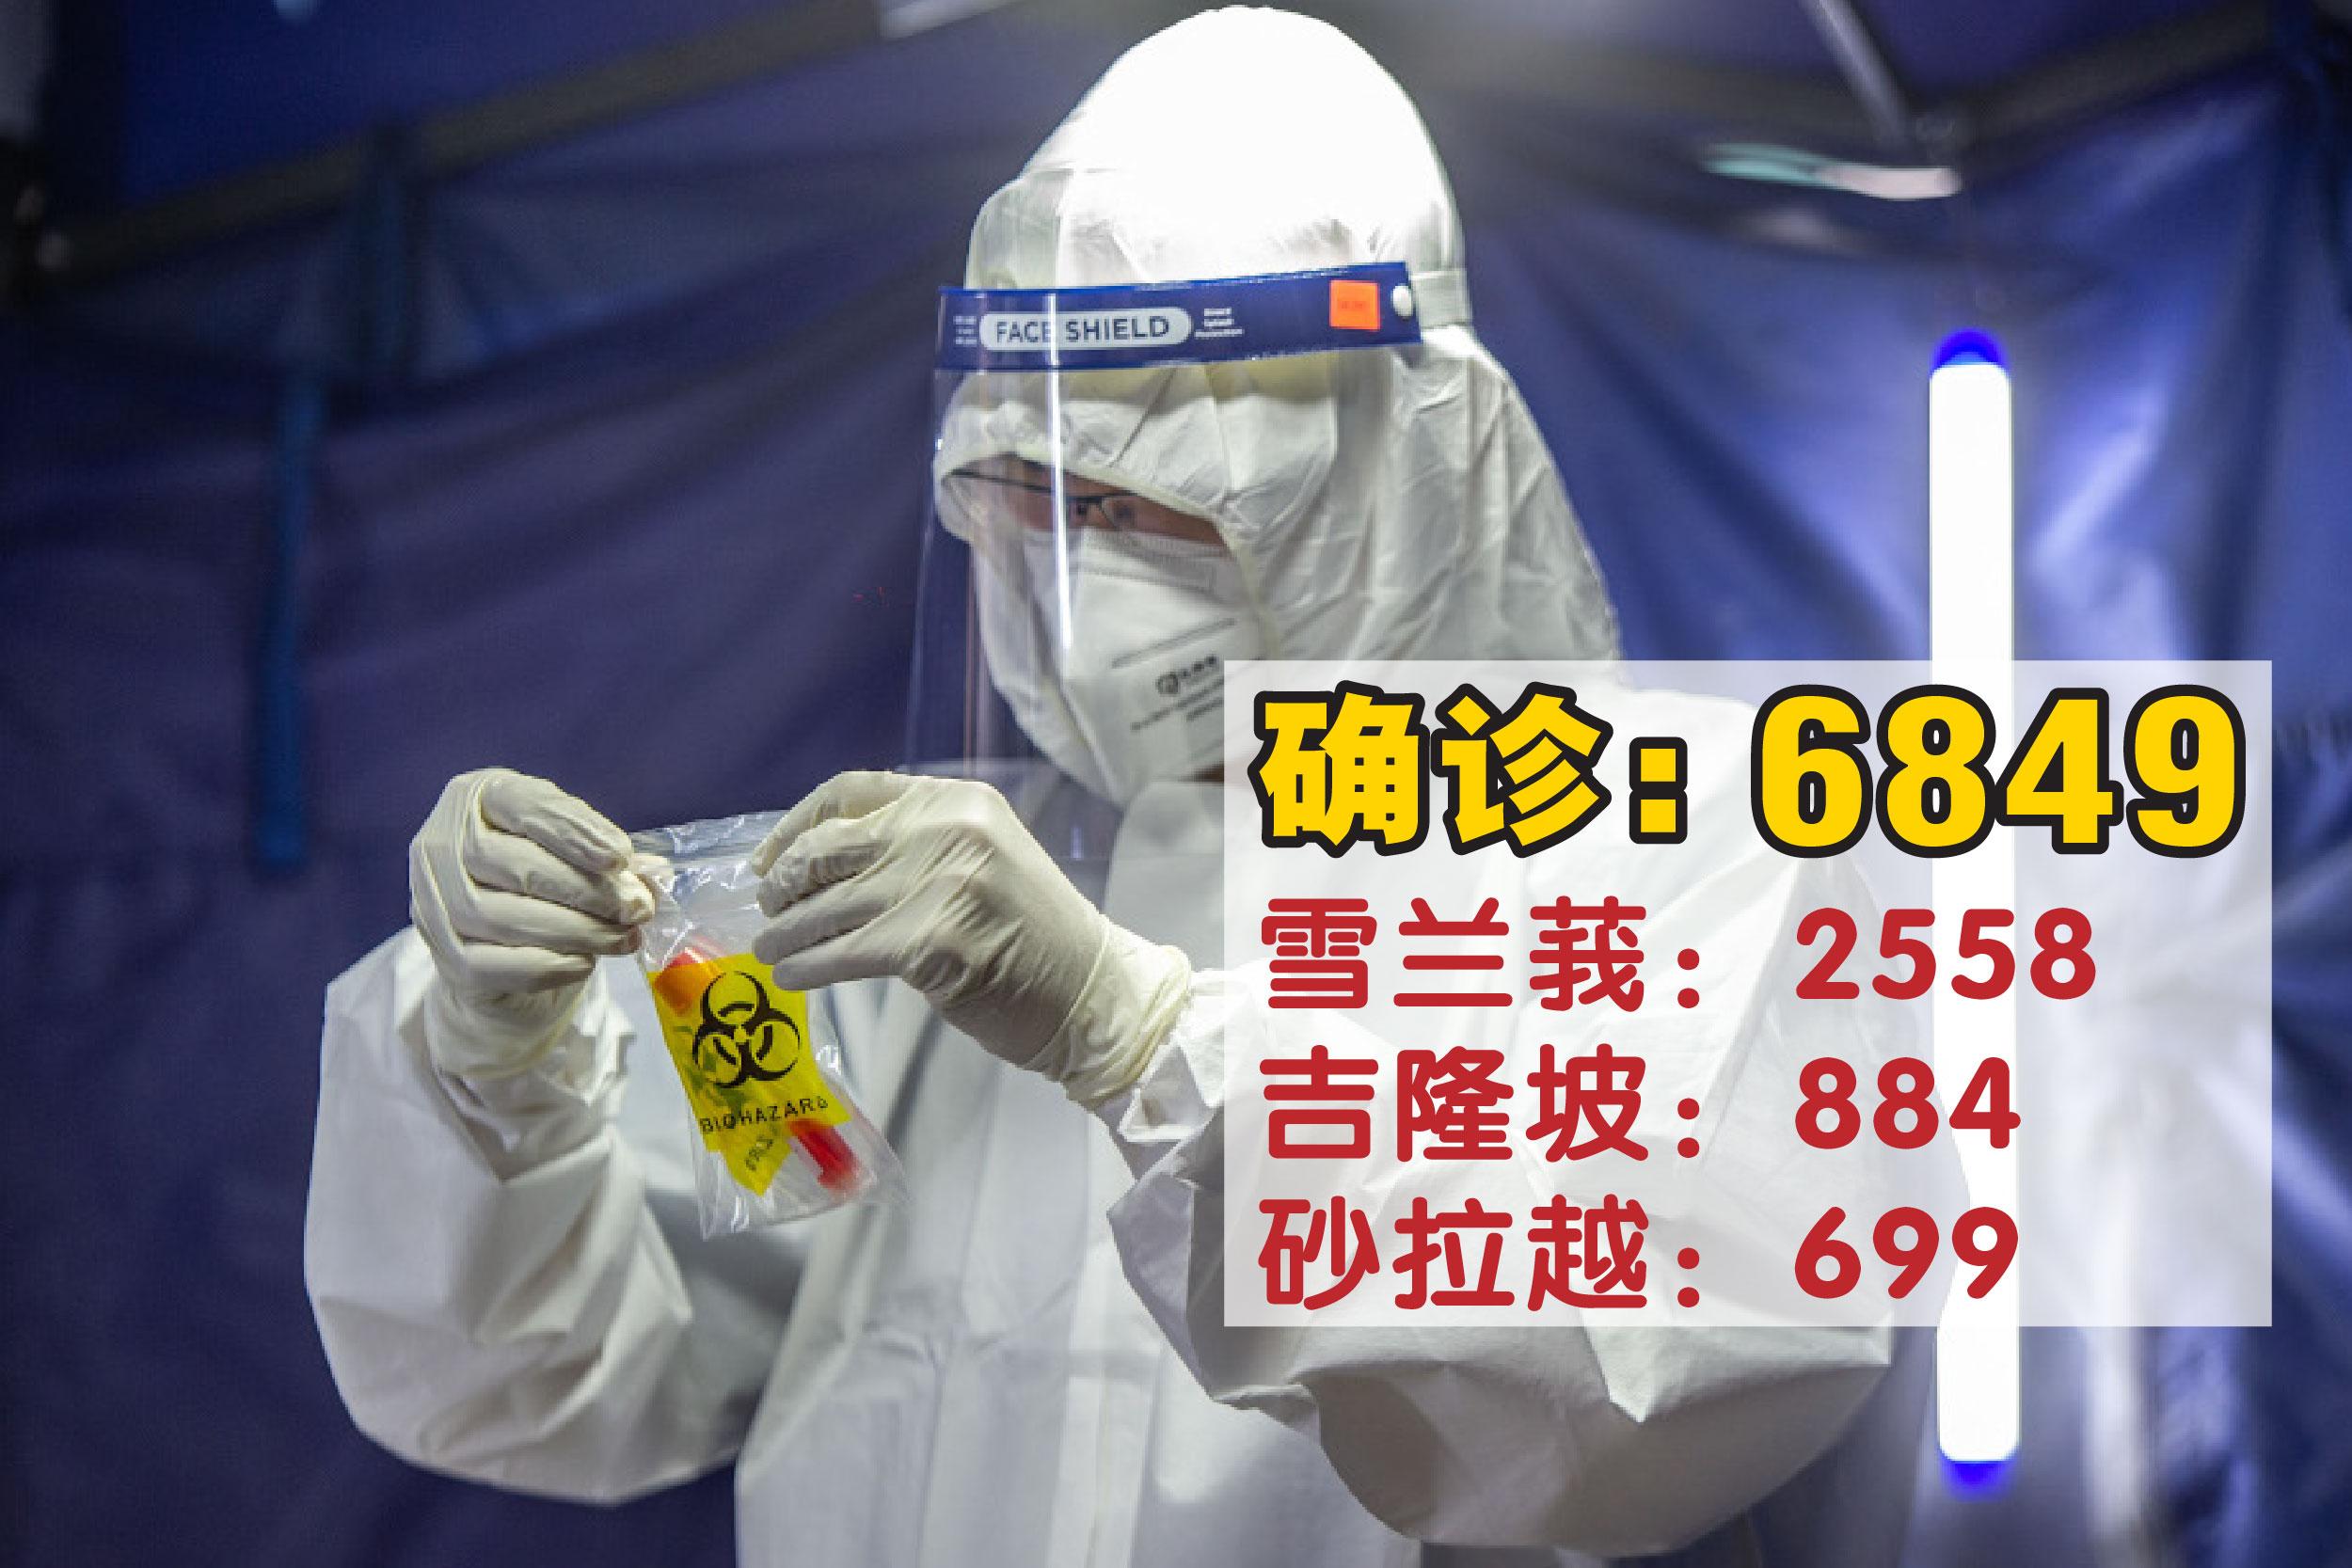 我国新冠病毒单日确诊病例新增6849宗,累计病例达64万6411宗。-精彩大马制图-